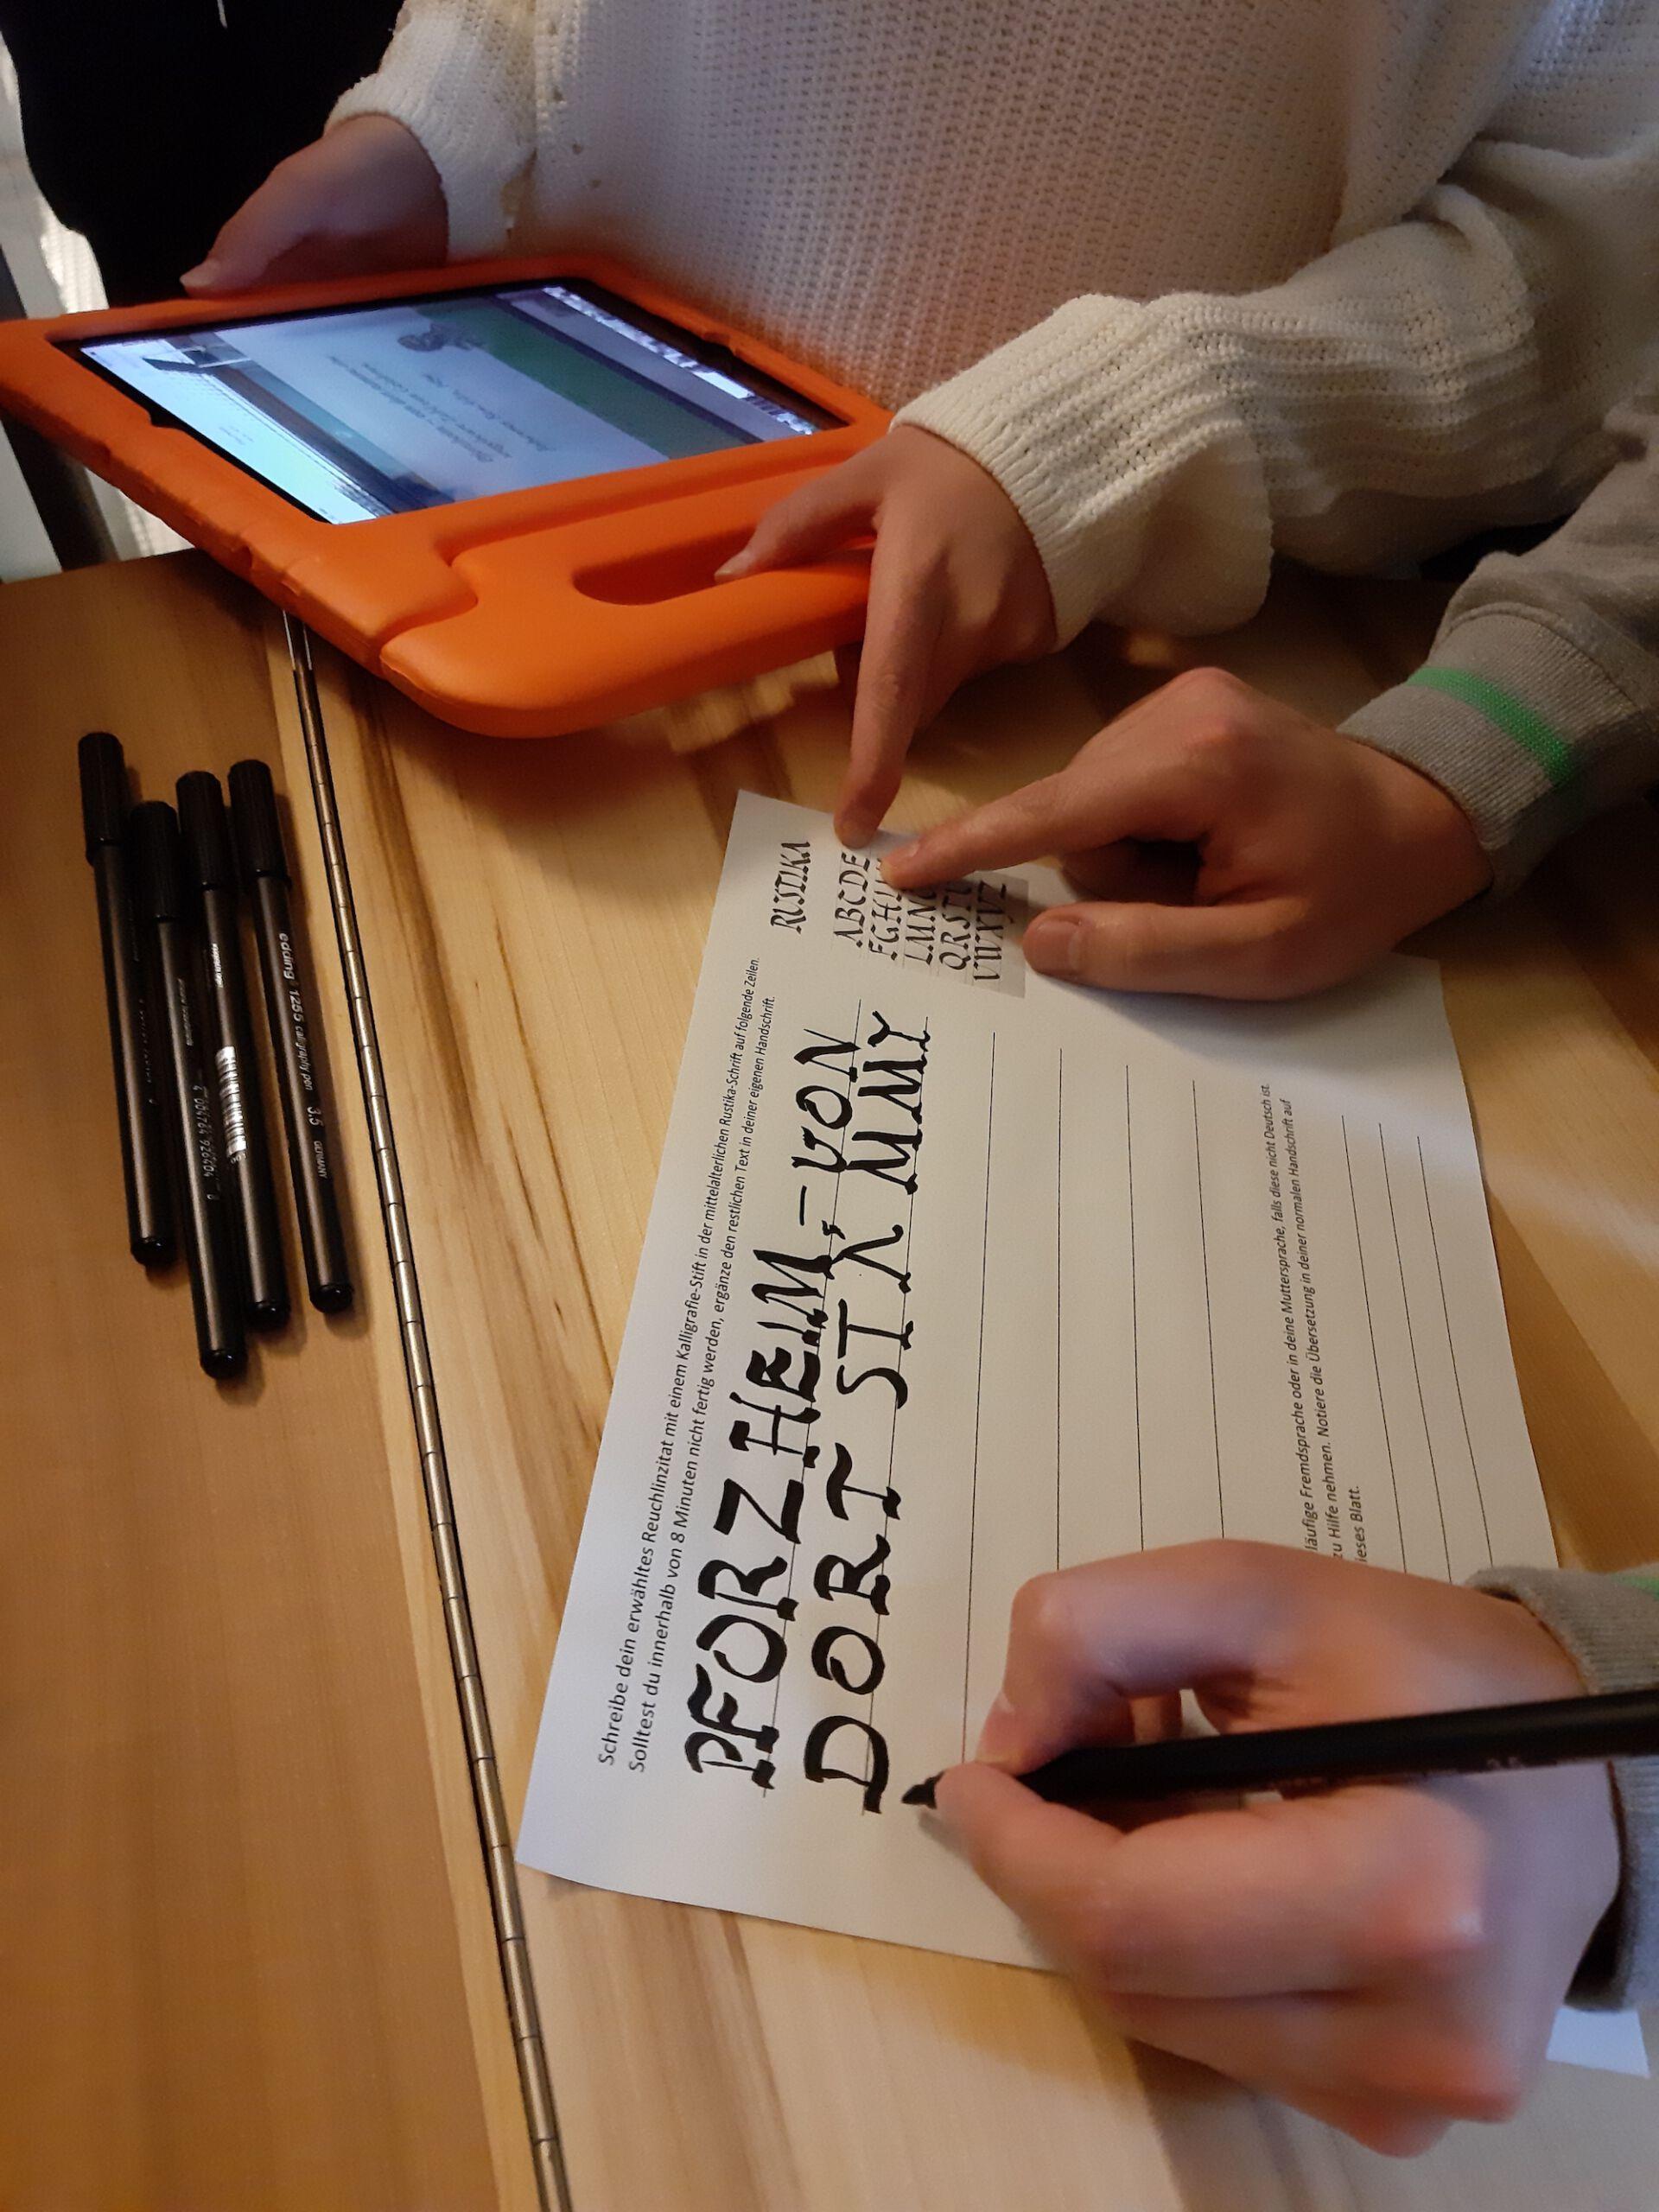 Schüler*innen schreiben in einer mittelalterlichen Handschrift